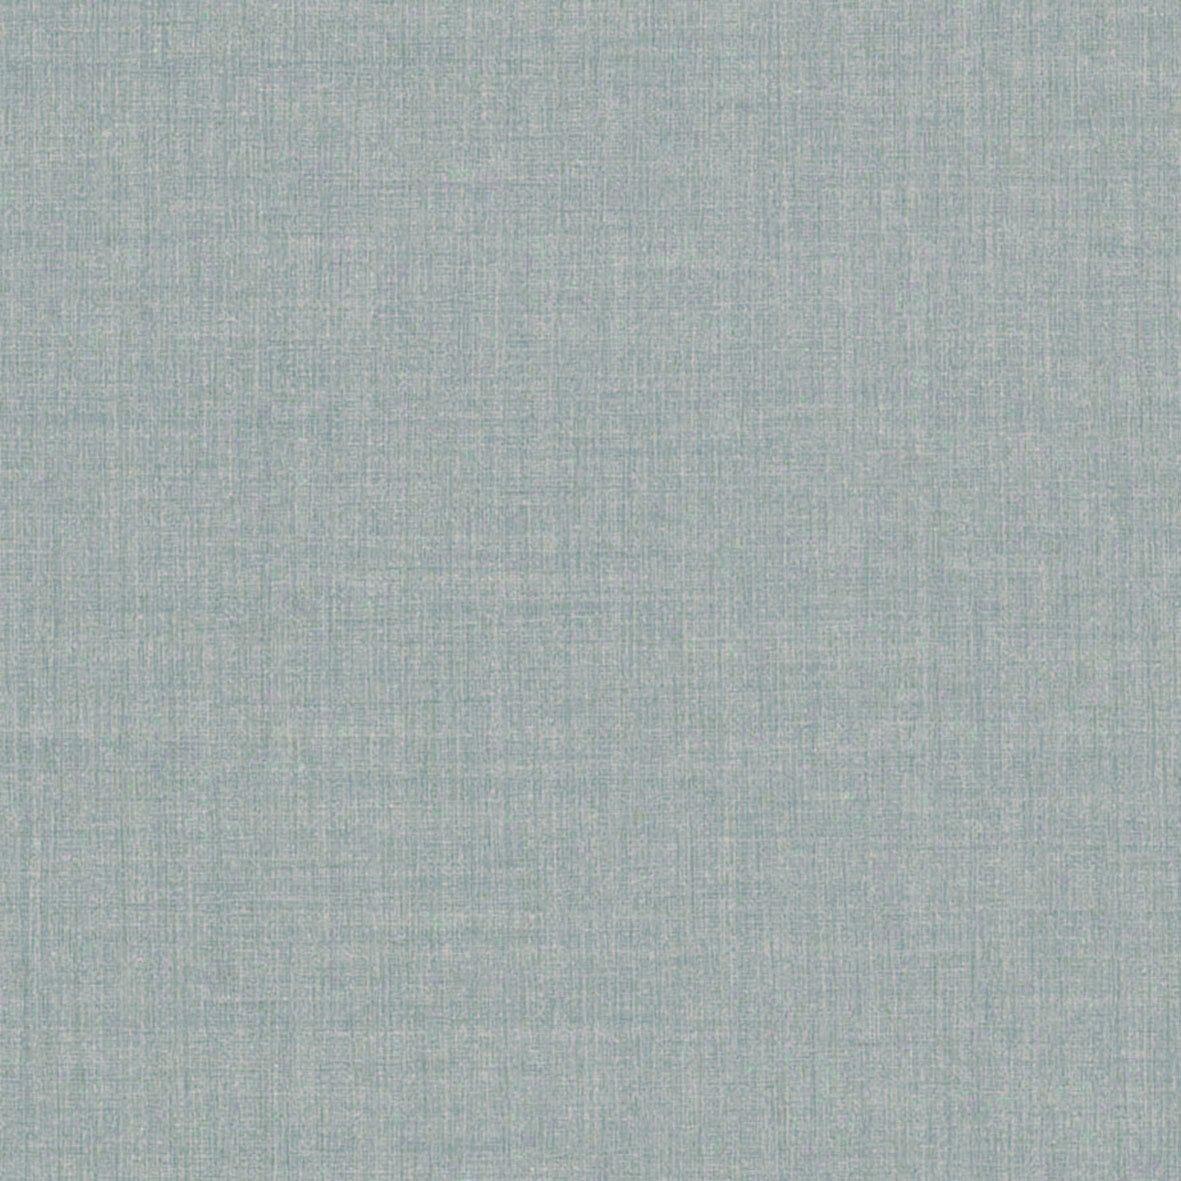 リリカラ 壁紙40m ナチュラル 織物調 グレー LL-8543 B01MXDKGSY 40m|グレー1